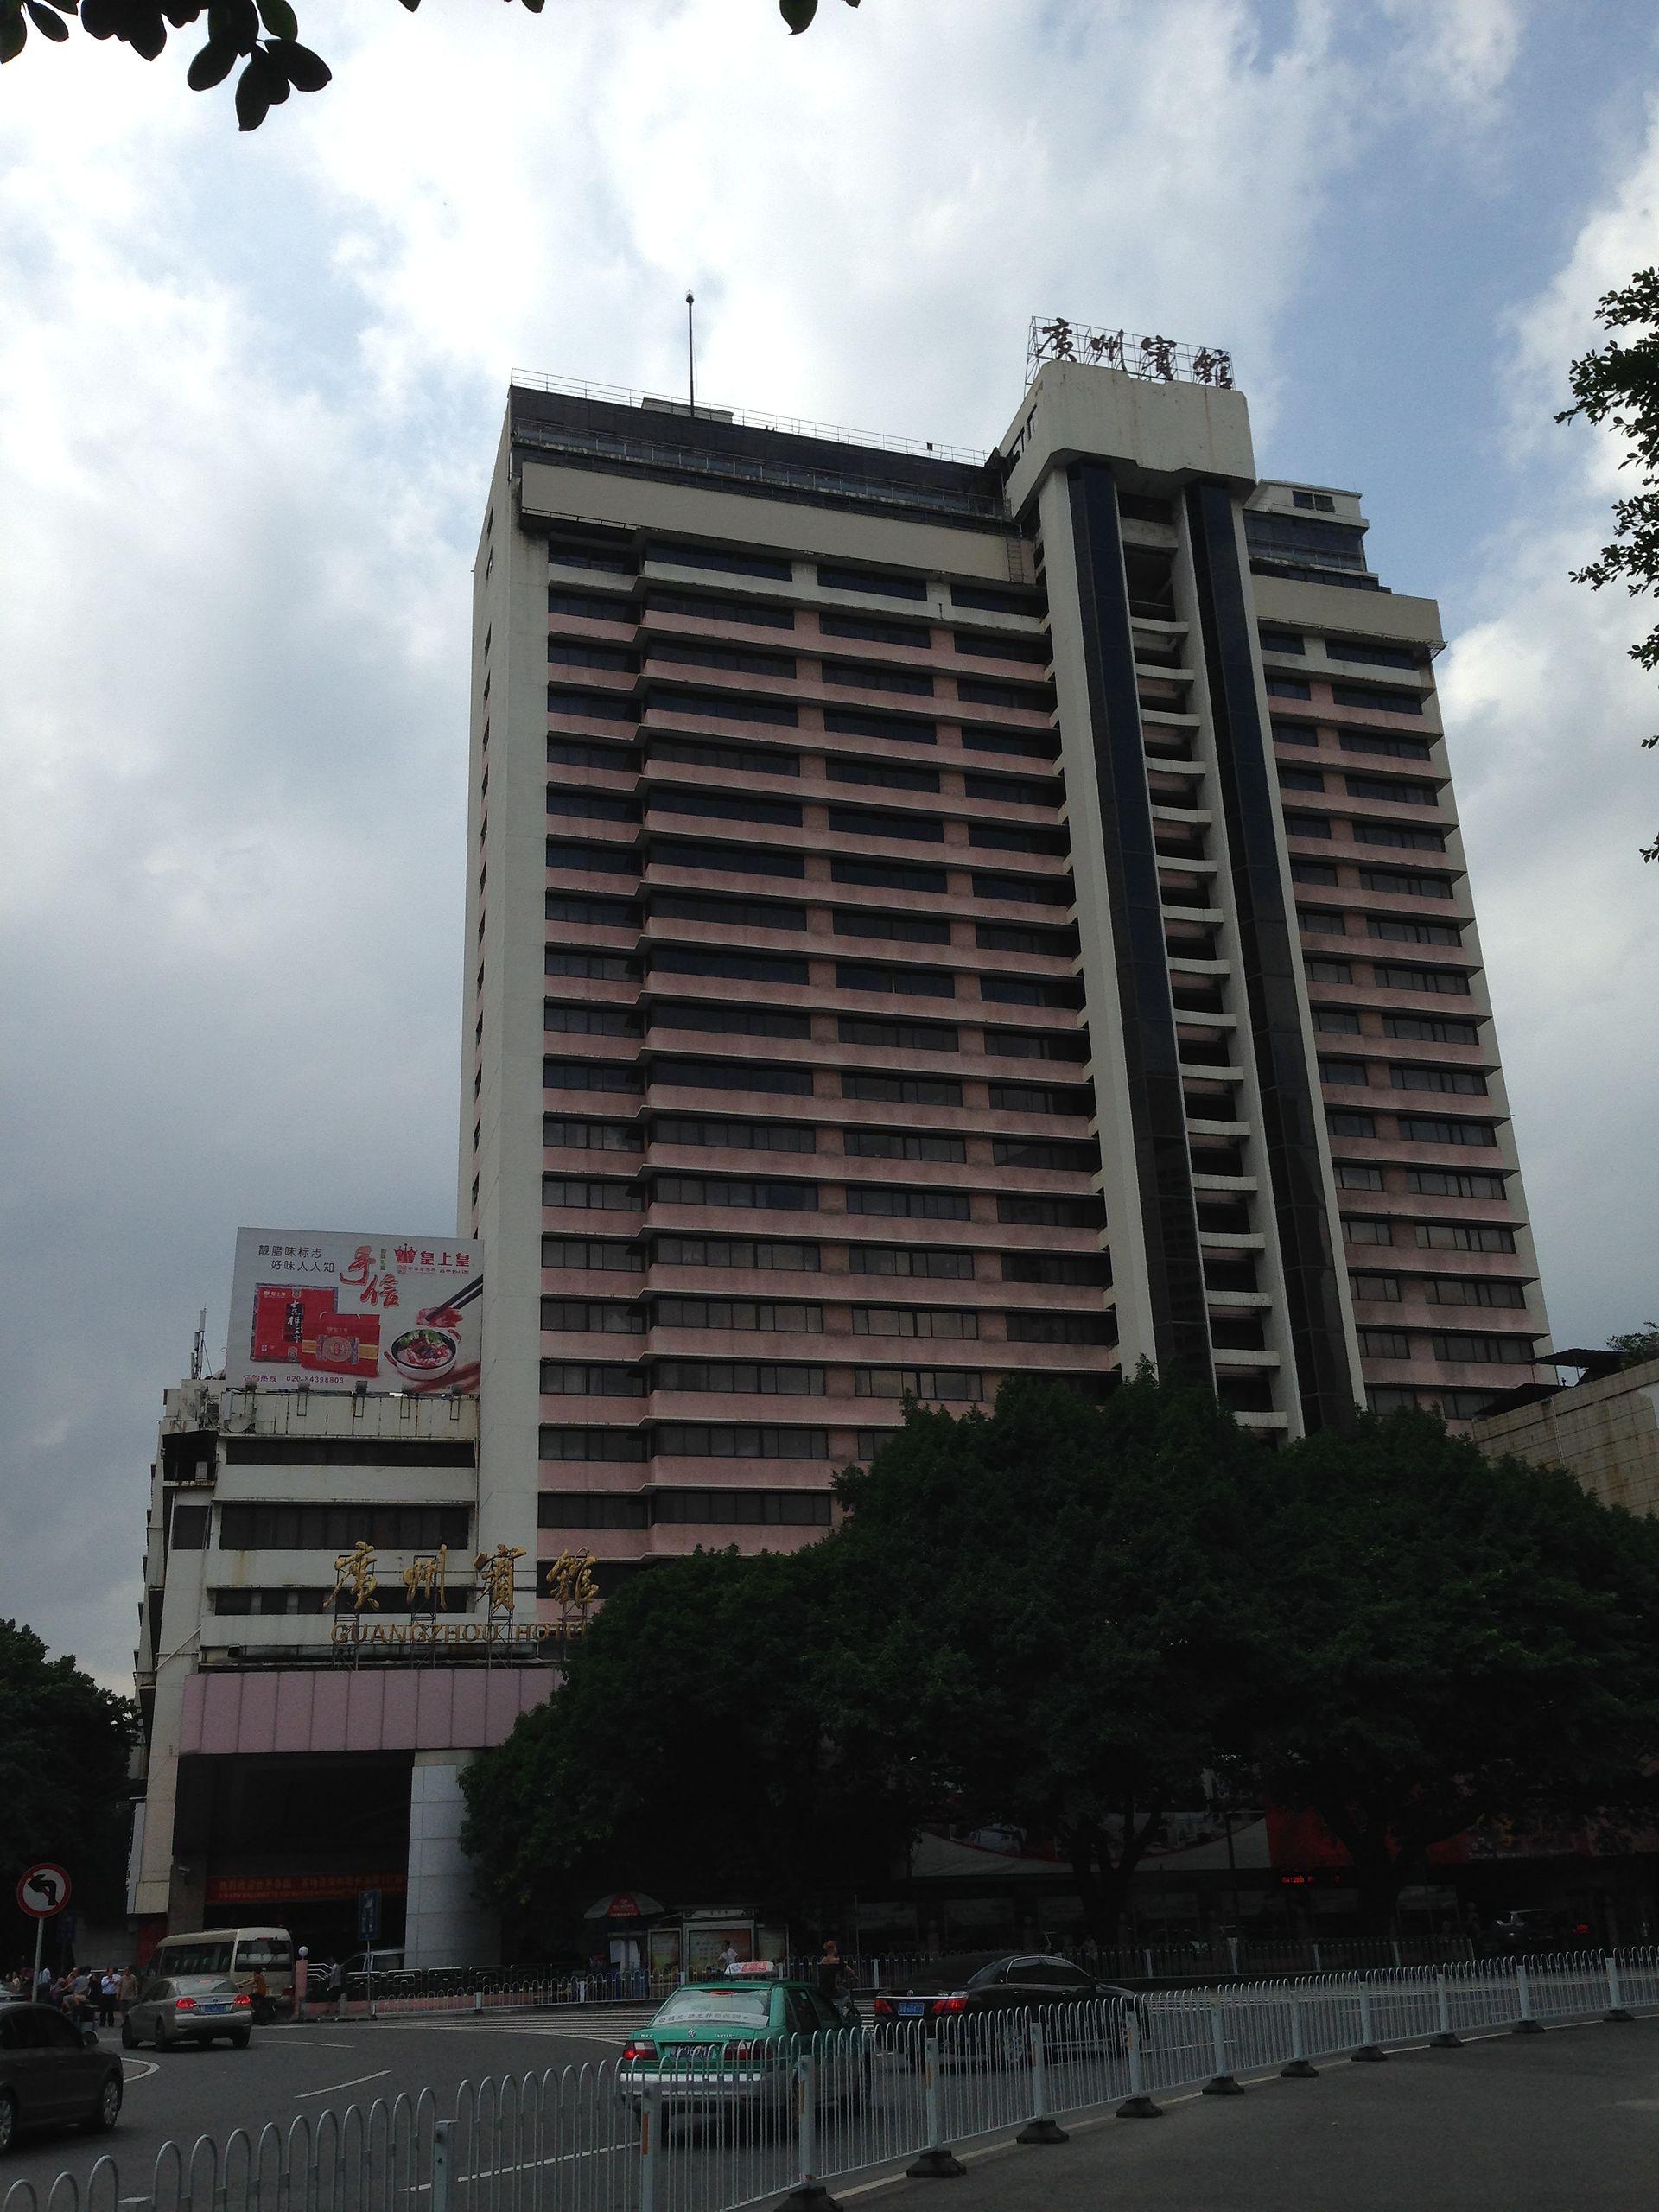 Guangzhou Hotel Wikipedia